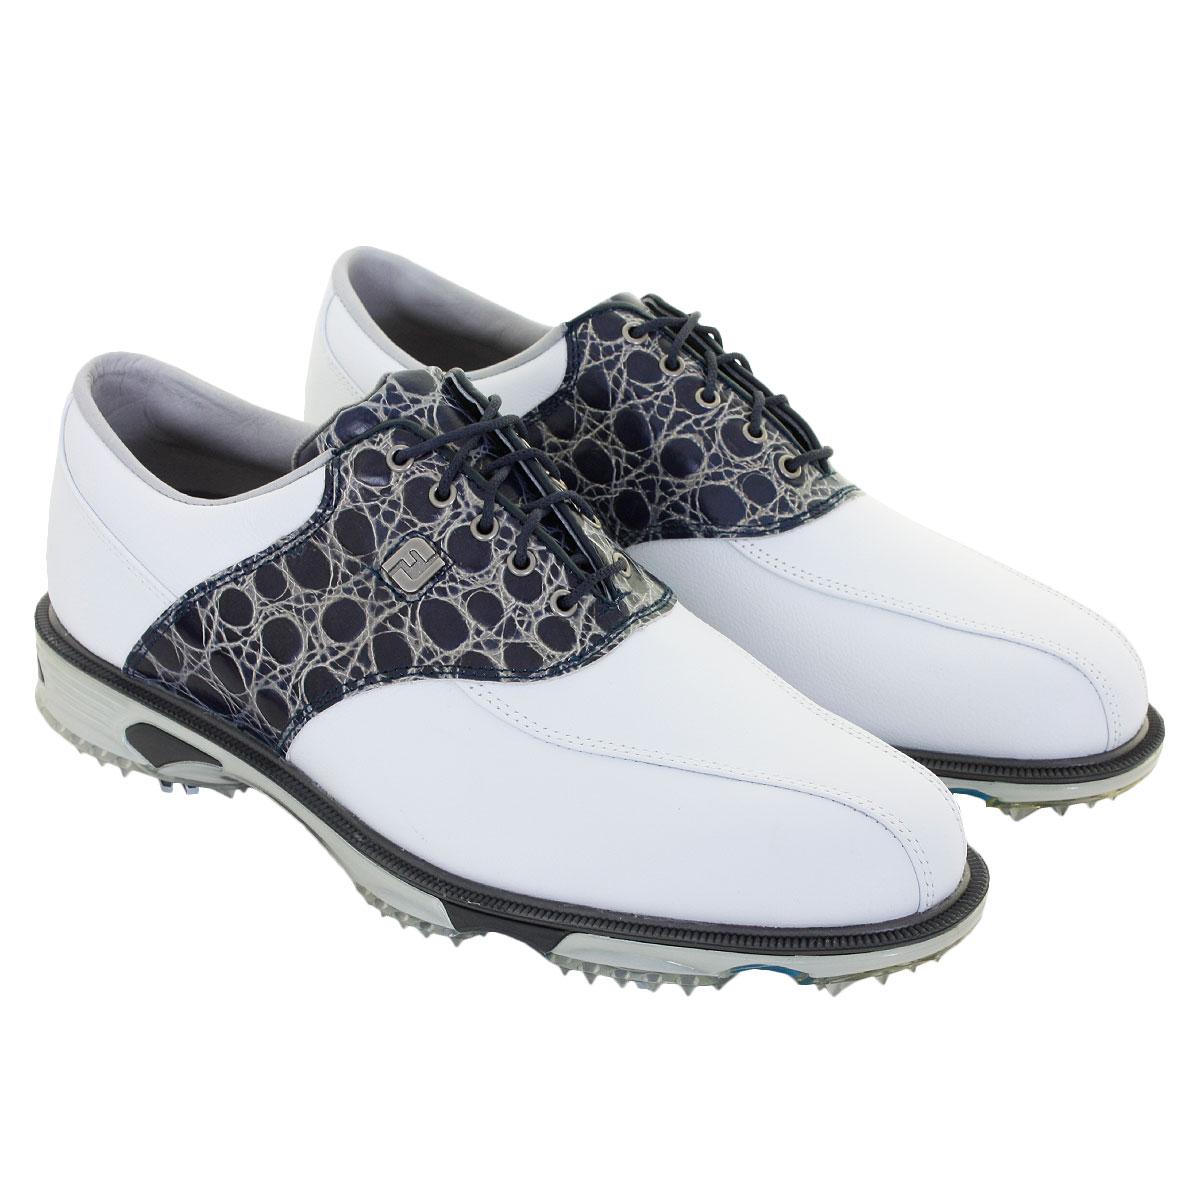 zapatos salomon golf tour 2019